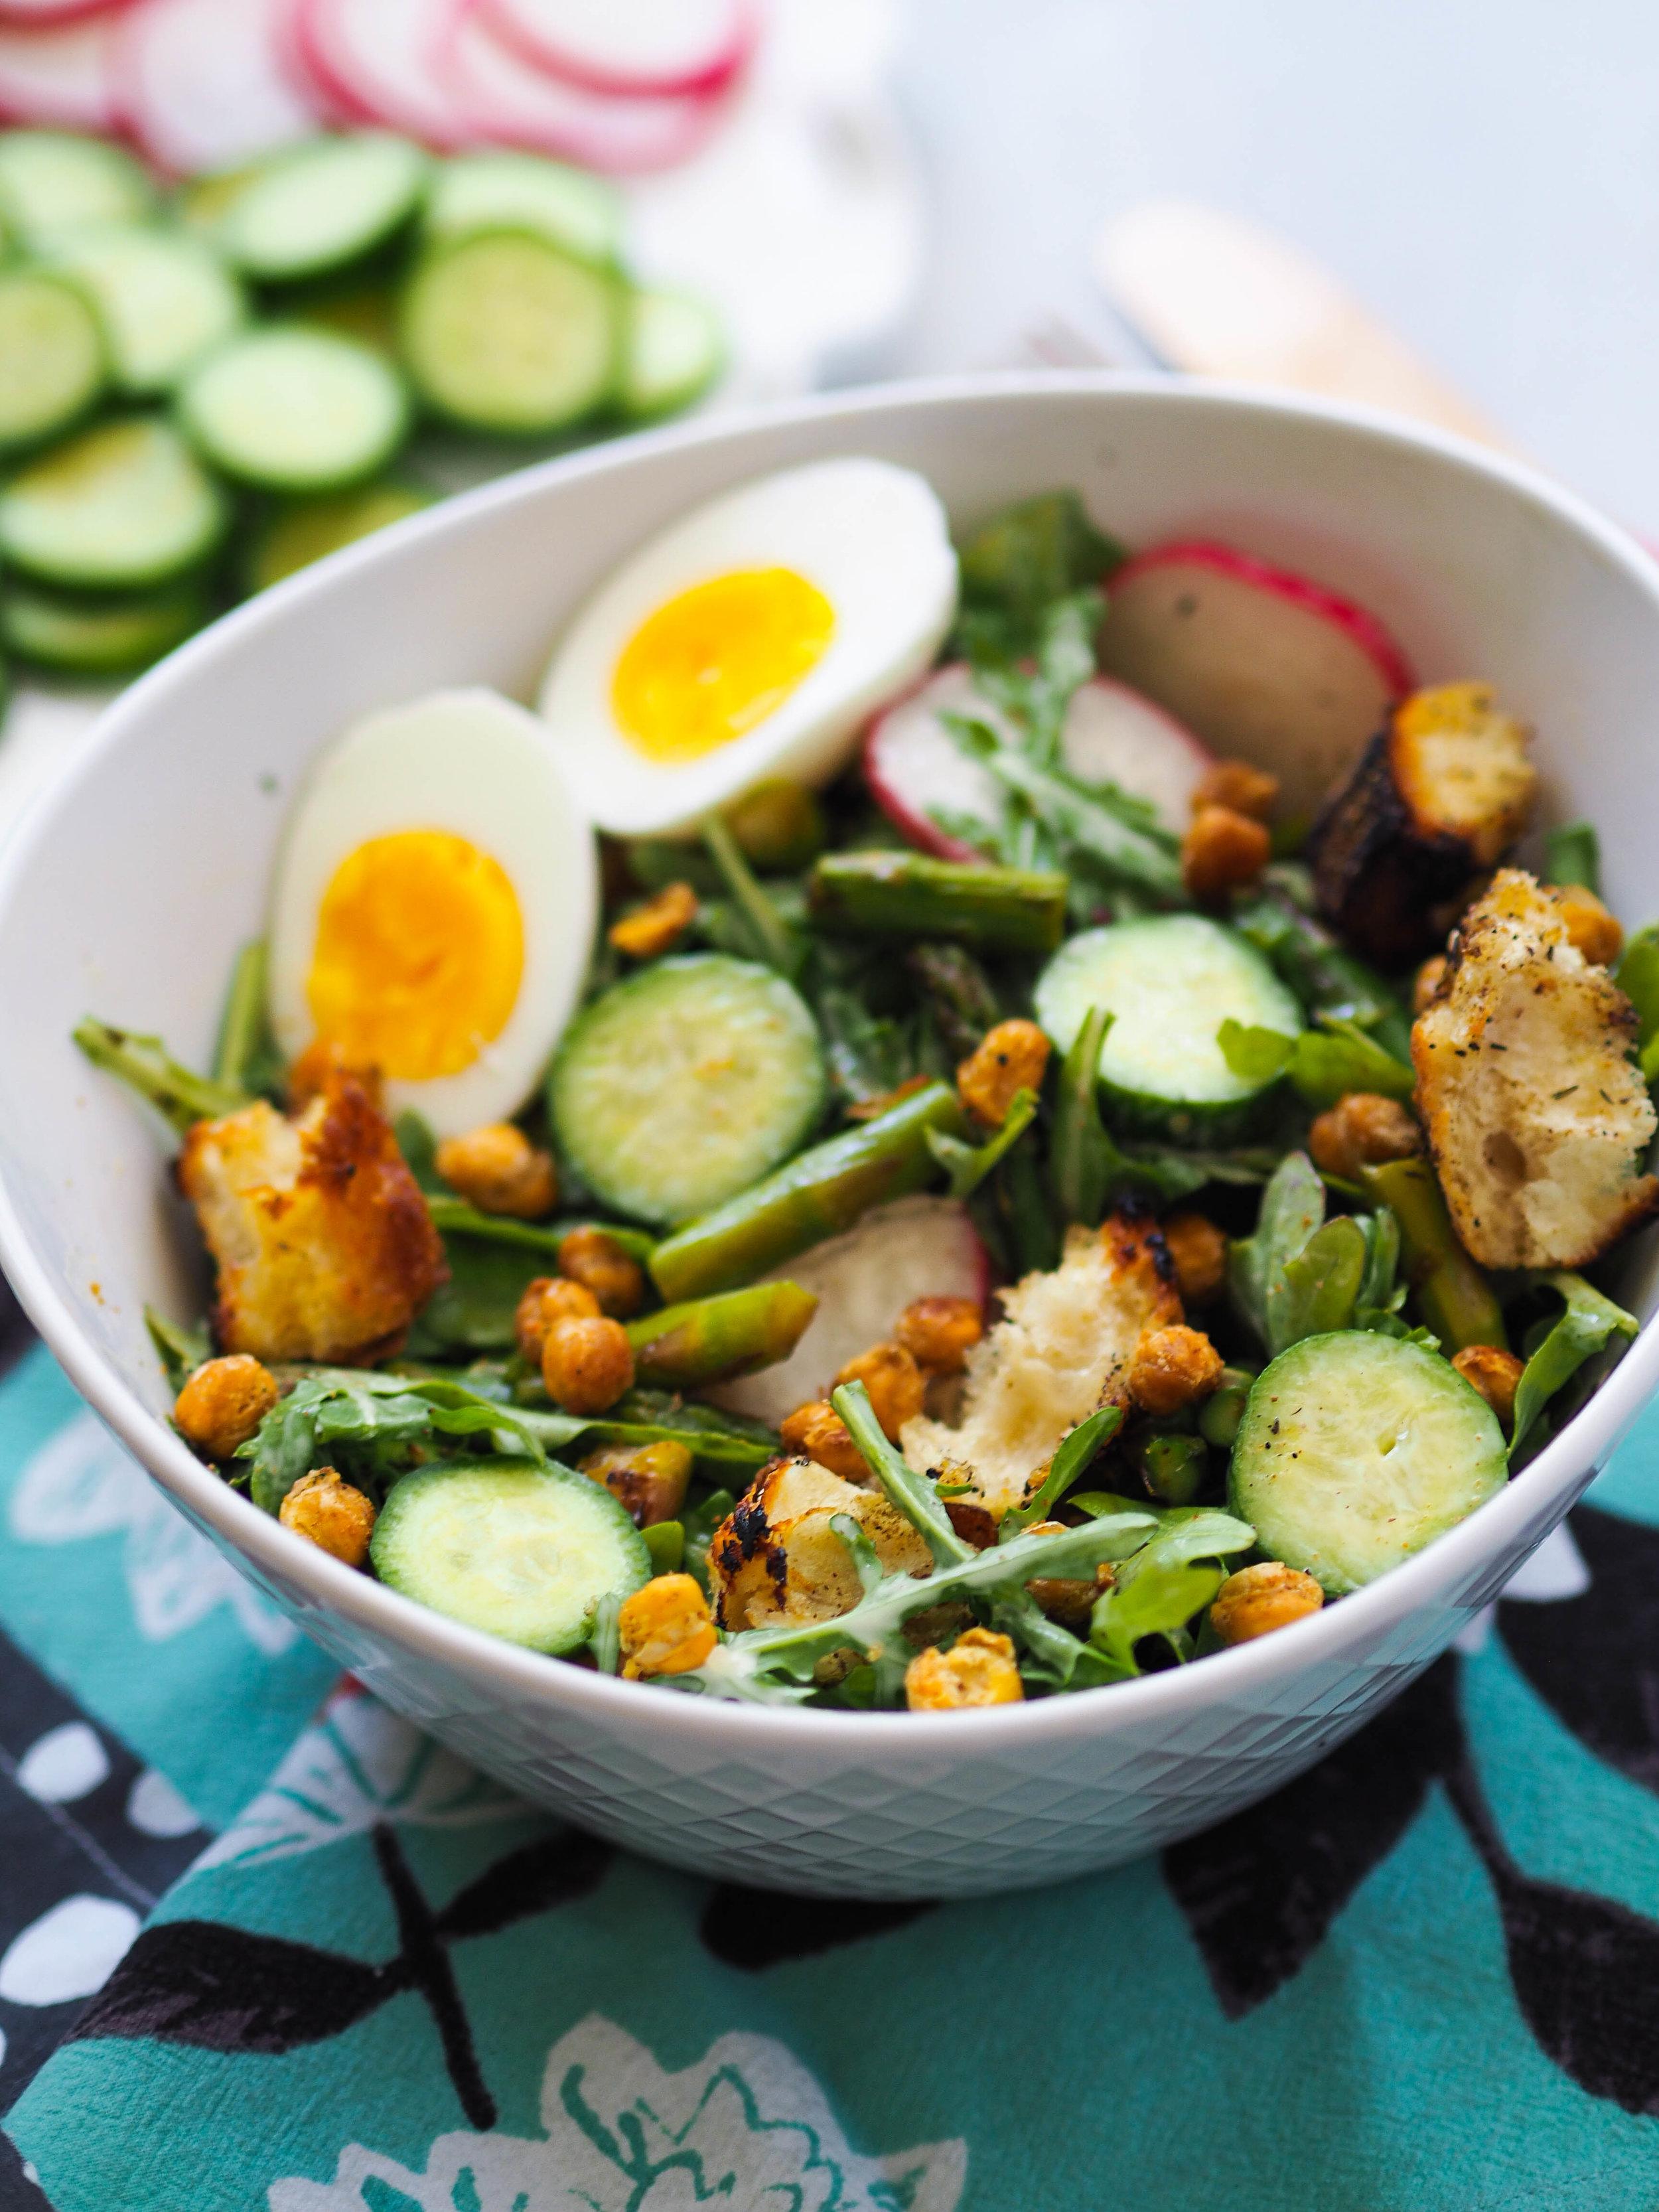 凯撒·奥提亚·拉什拉的烤虾和香蕉沙拉!######素食,素食素食#